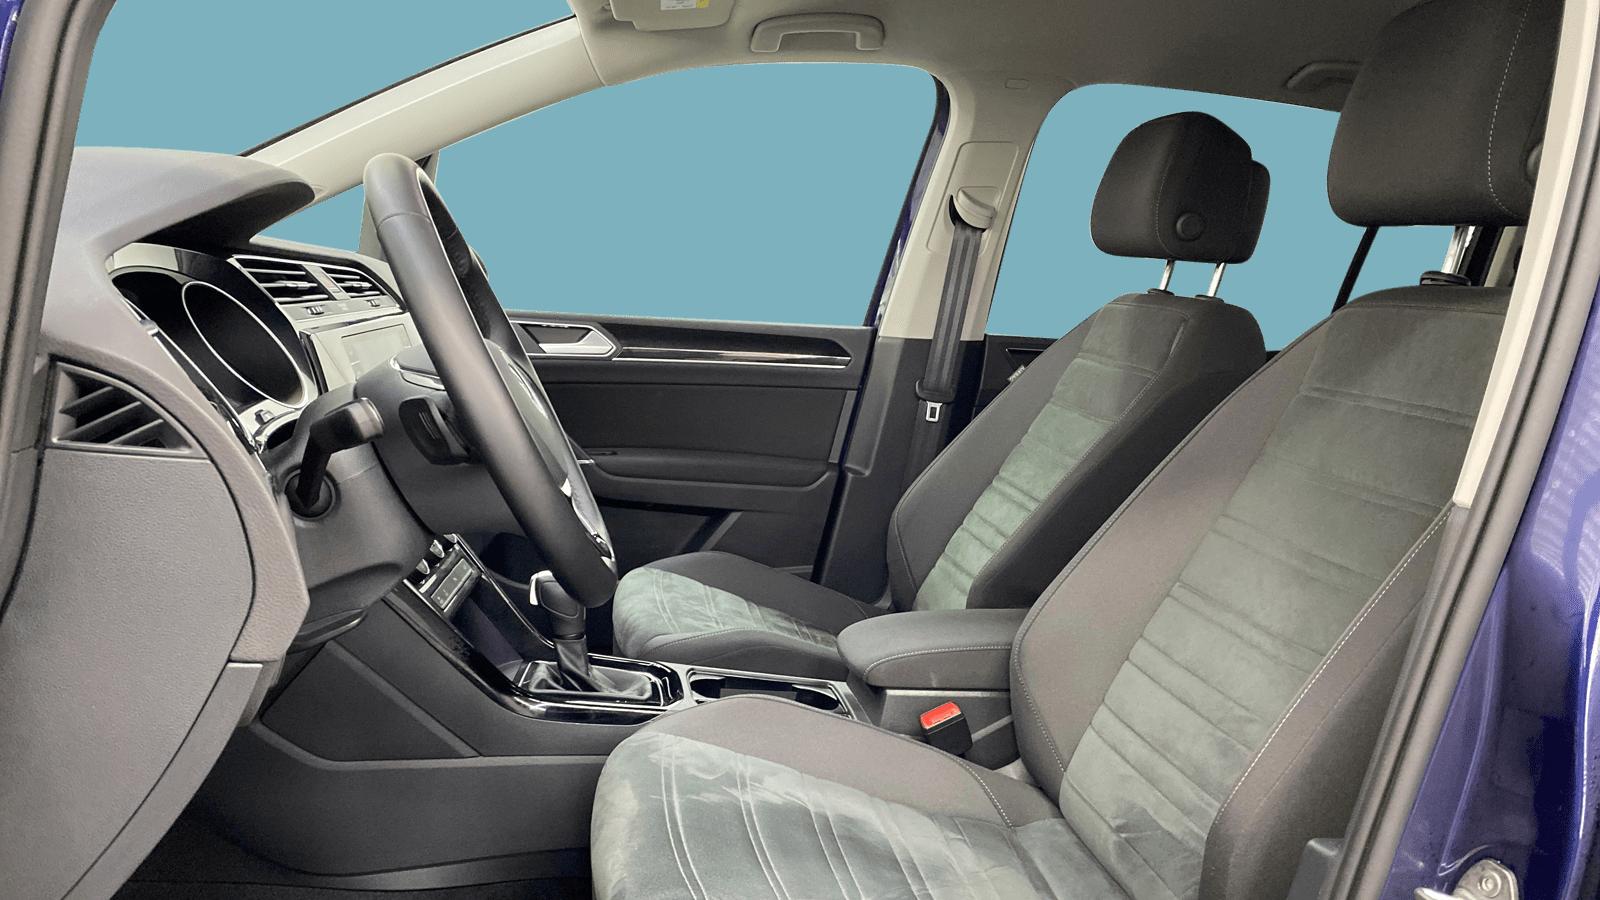 VW Touran Blau interior - Clyde Auto-Abo